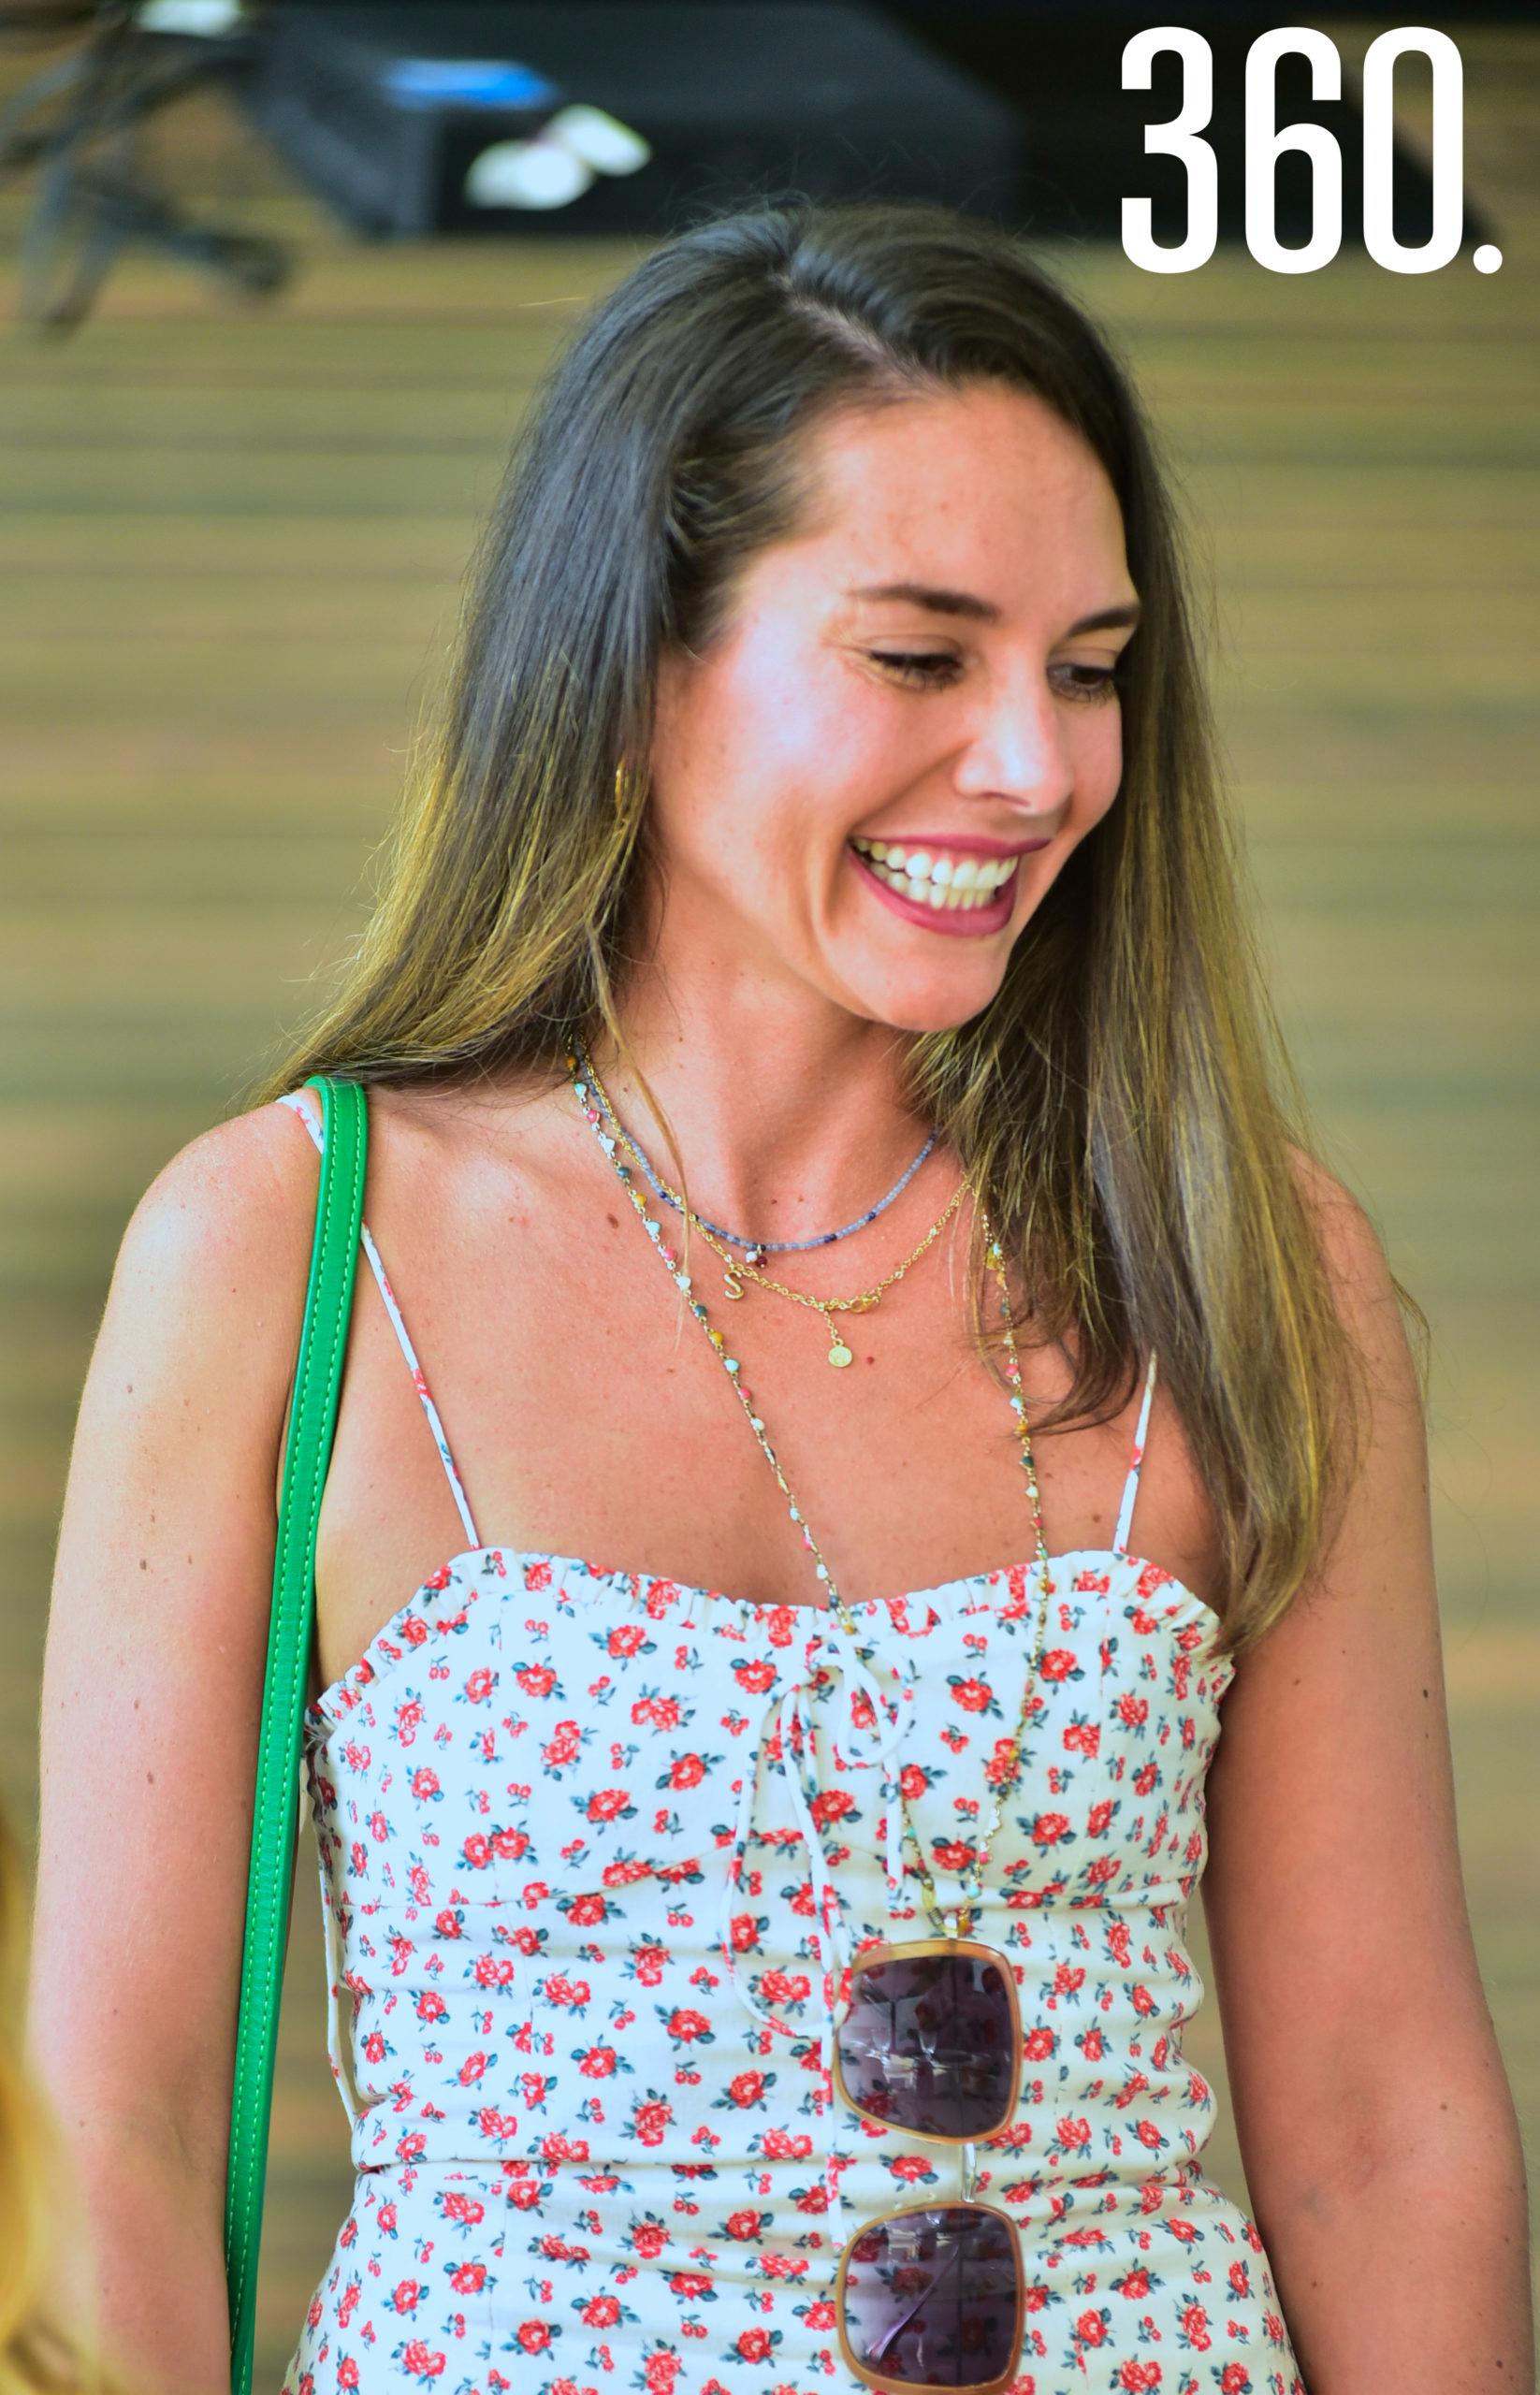 Sofía Bendimez